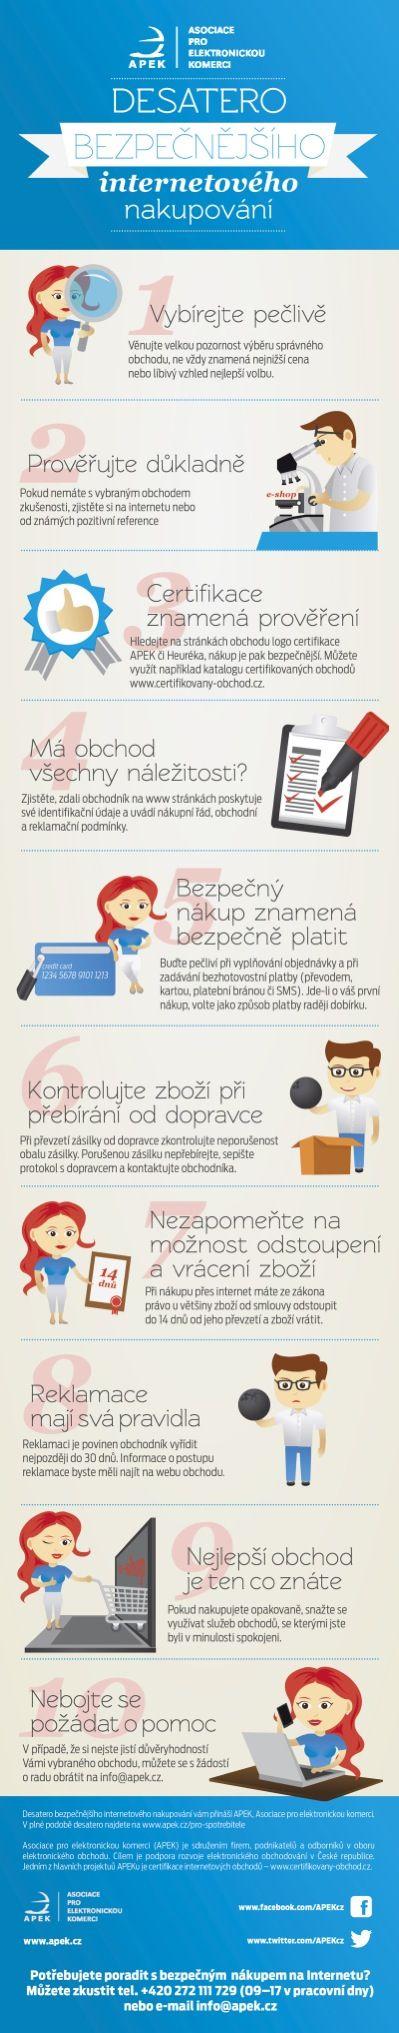 Infografika: Desatero bezpečnějšího internetového nakupování od APEK.cz.